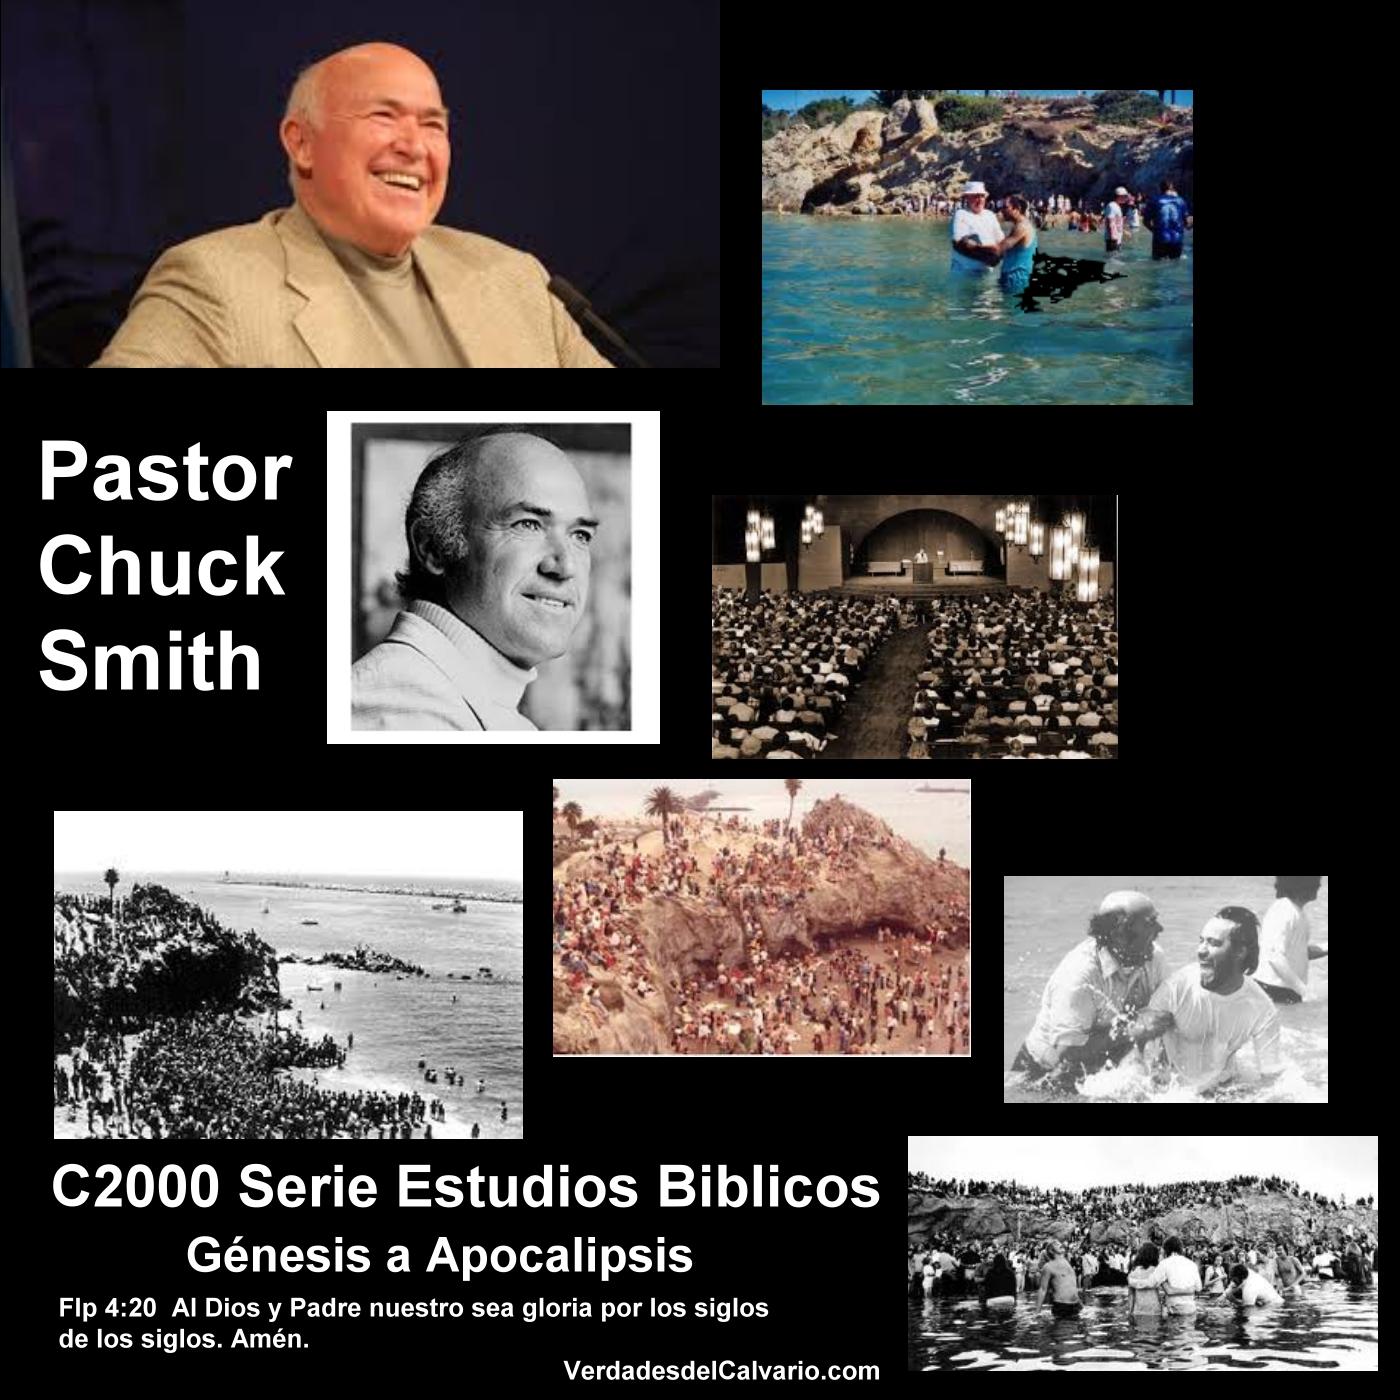 Chuck Smith - Nuevo Testamento Parte 1 - Mateo-Romanos - Estudios Biblicos - Libro por Libro - Suscribirse Gratis Para Ver Toda la Lista - C2000 Serie